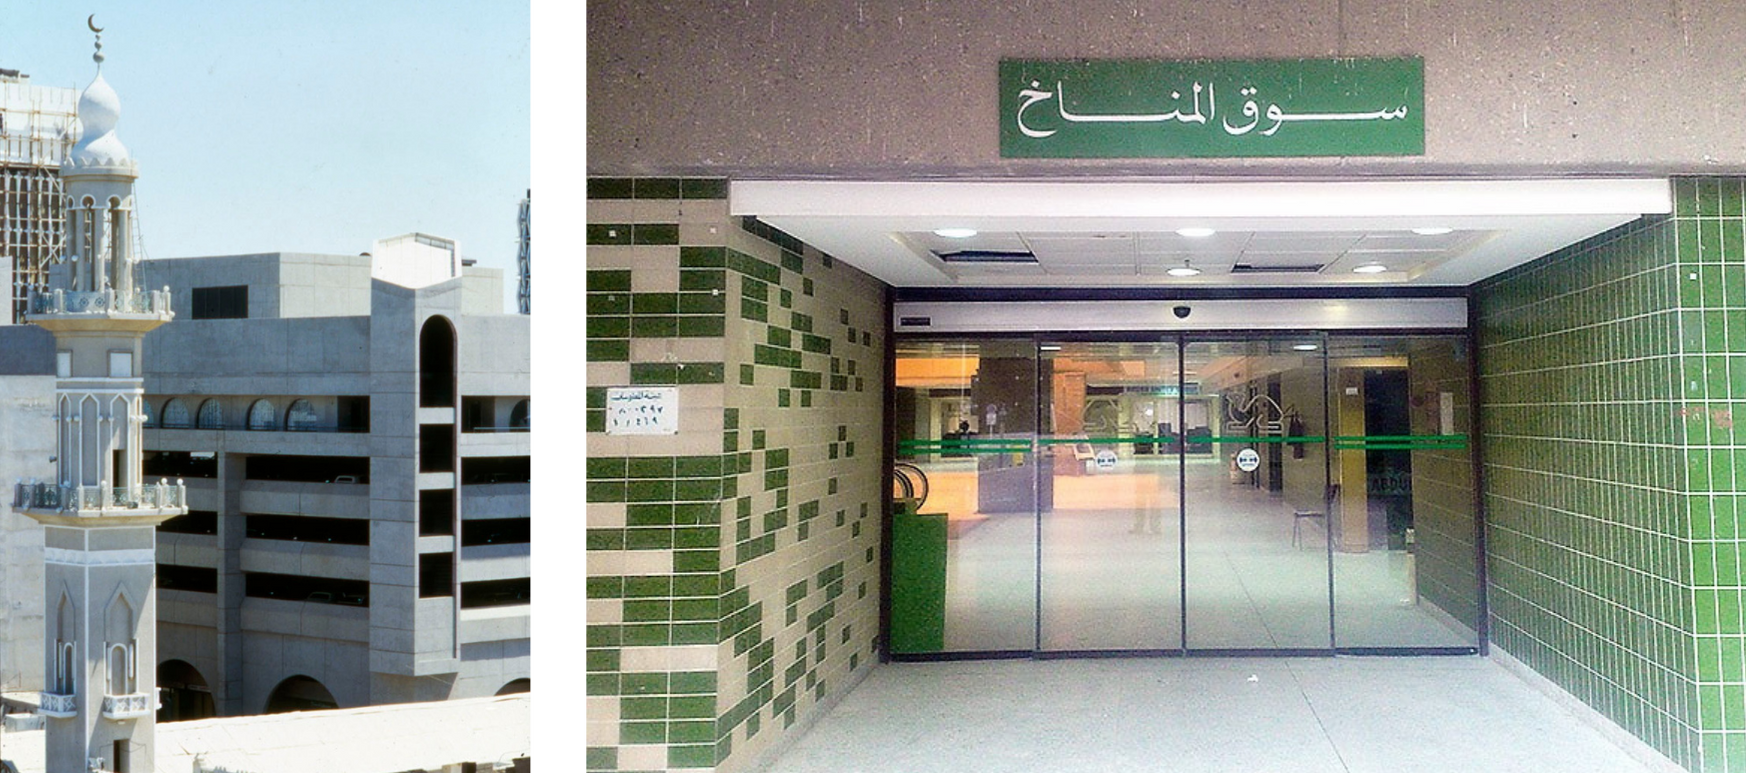 Souk Al-Manakh (source: MIT Library)